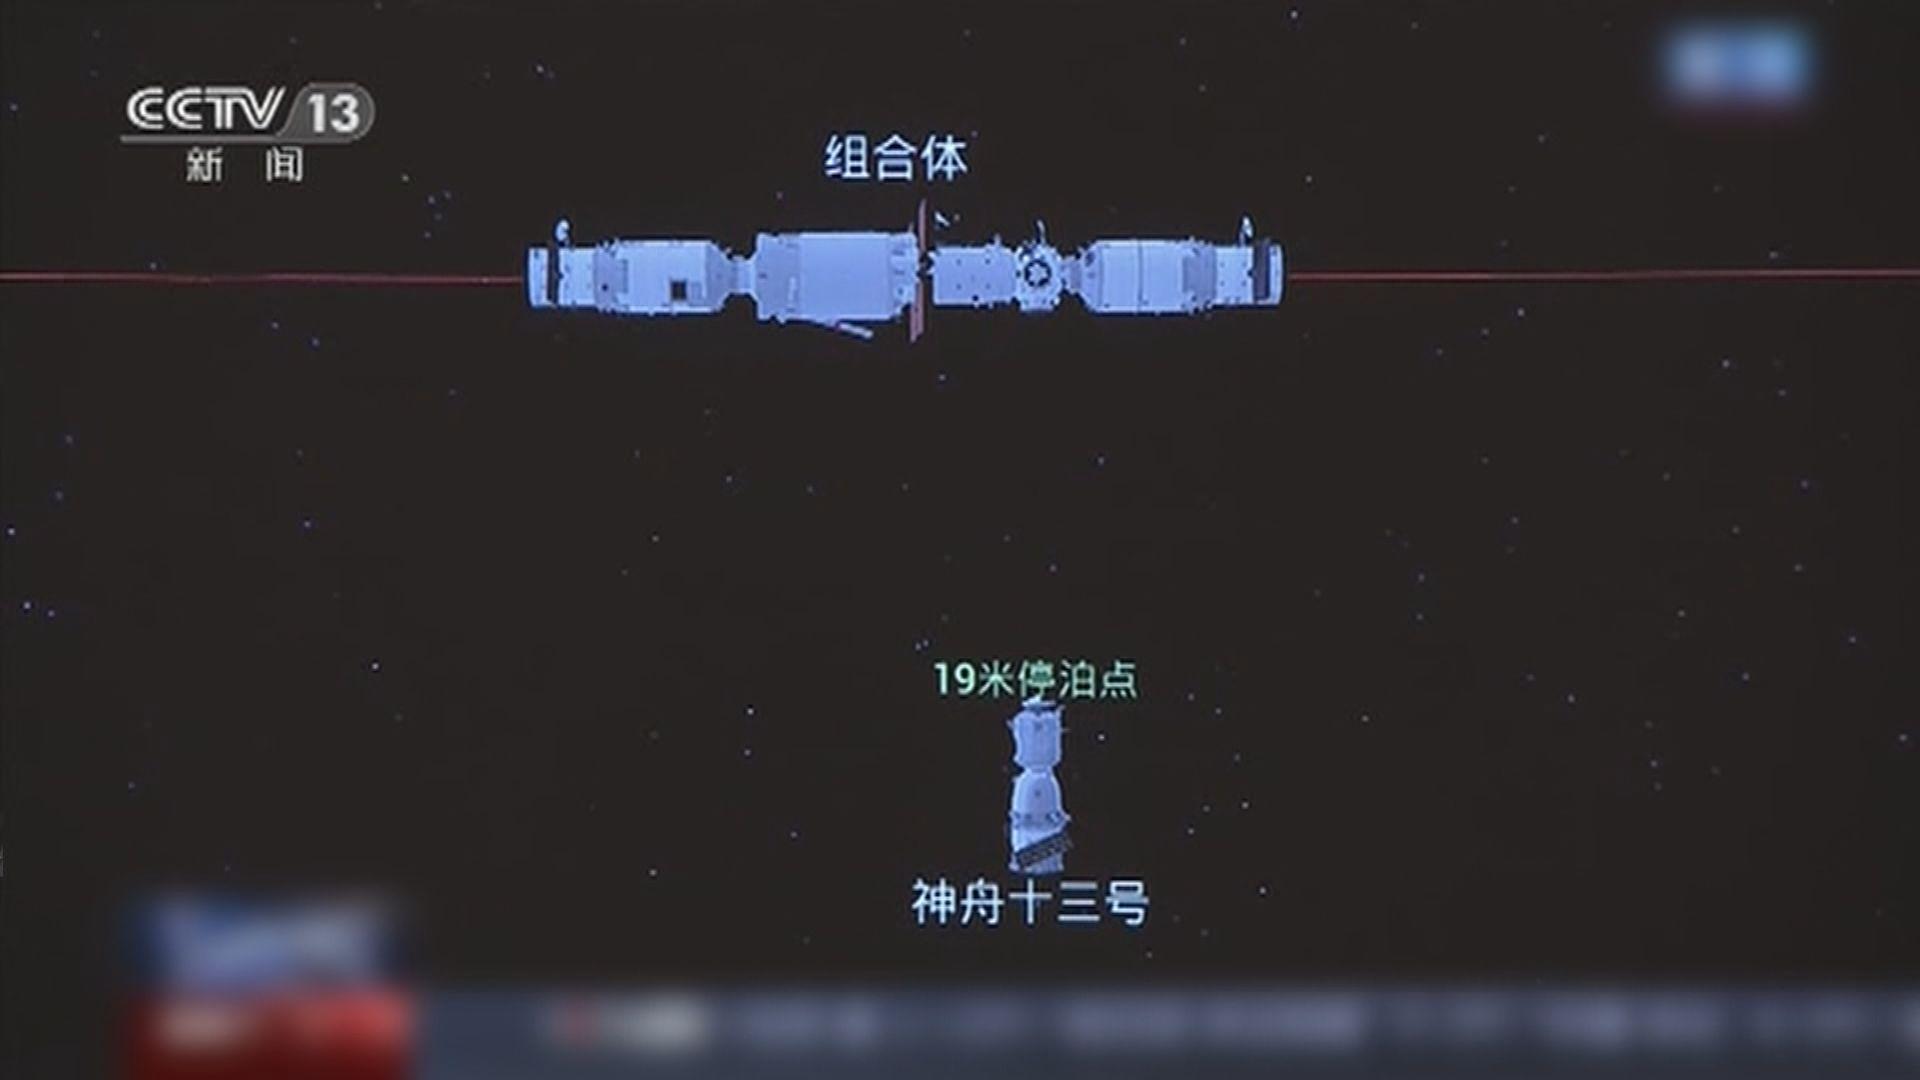 神舟十三號與空間站組合體完成徑向交會對接